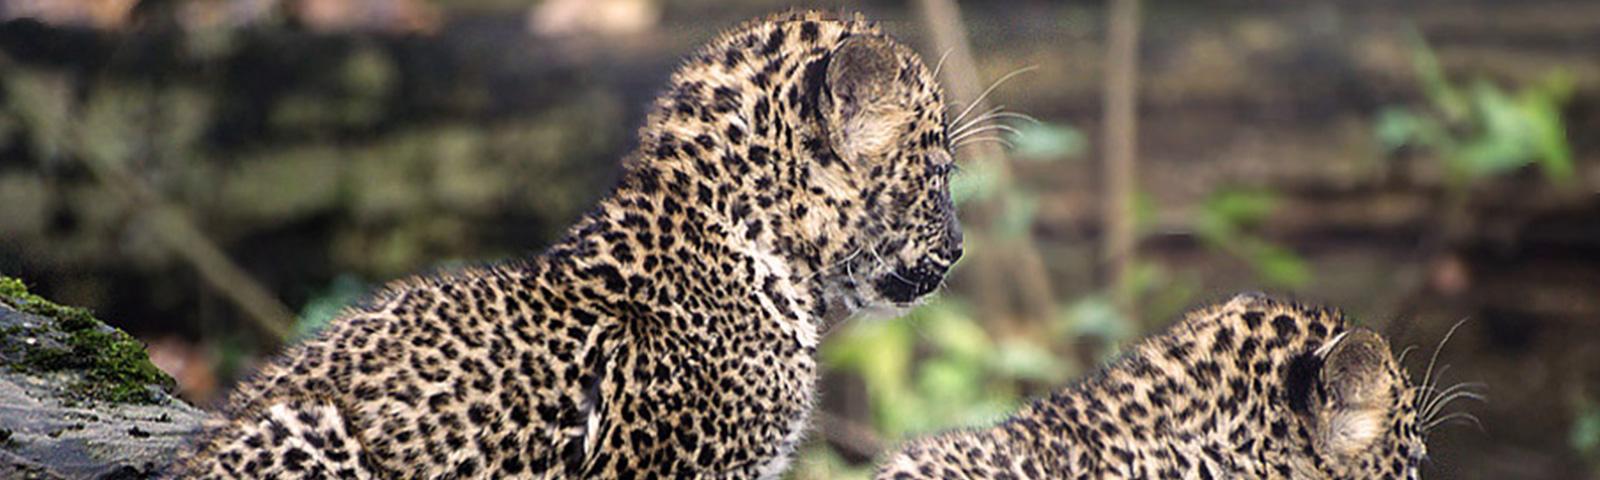 Wildlife Excursions in Sri Lanka